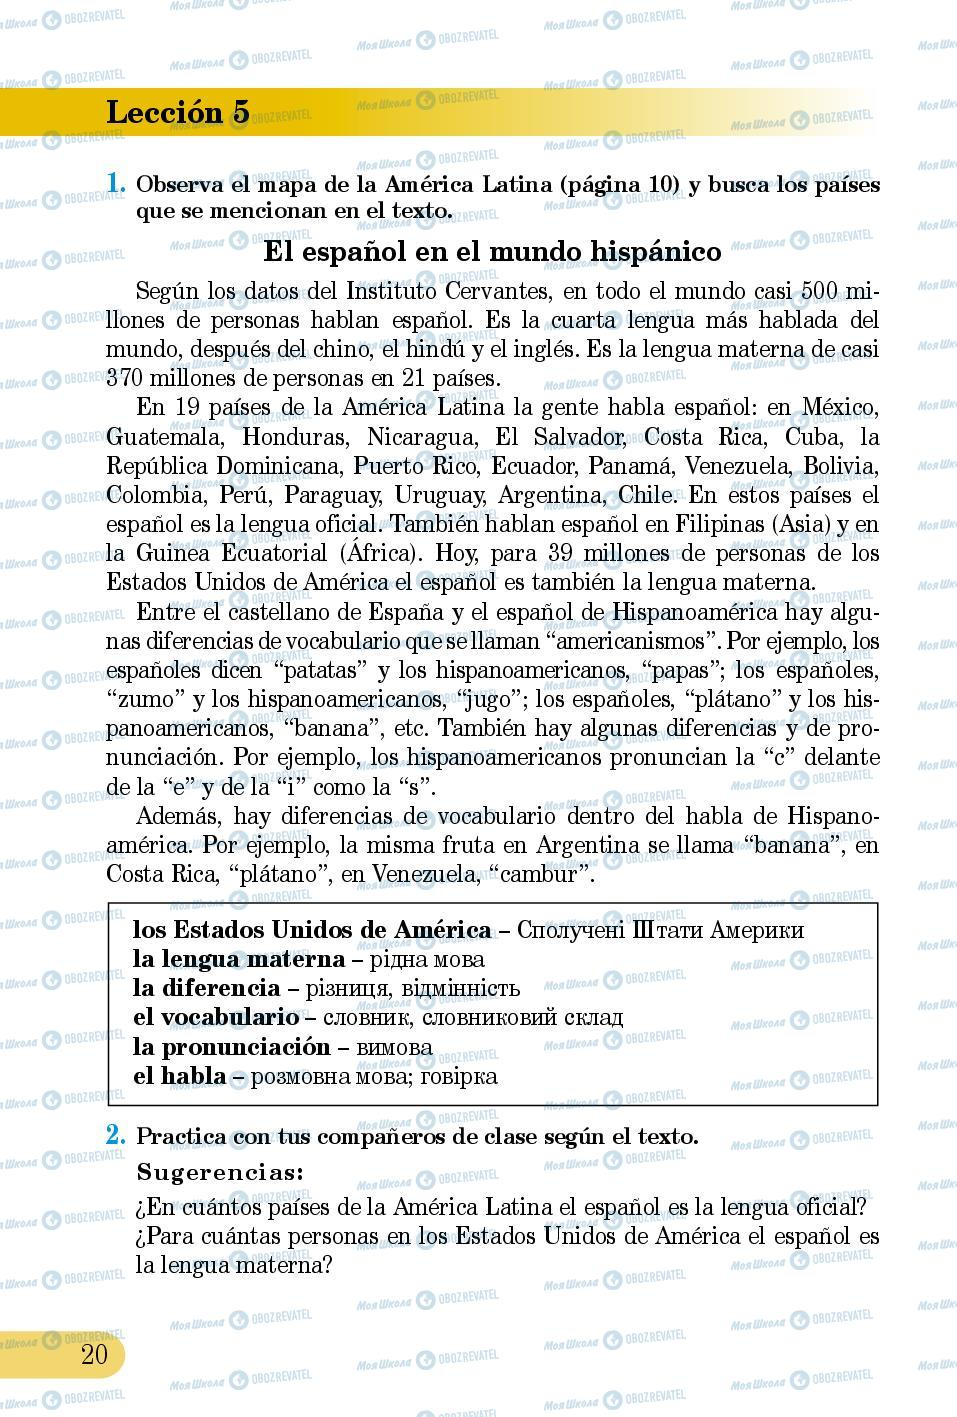 Підручники Іспанська мова 5 клас сторінка 20